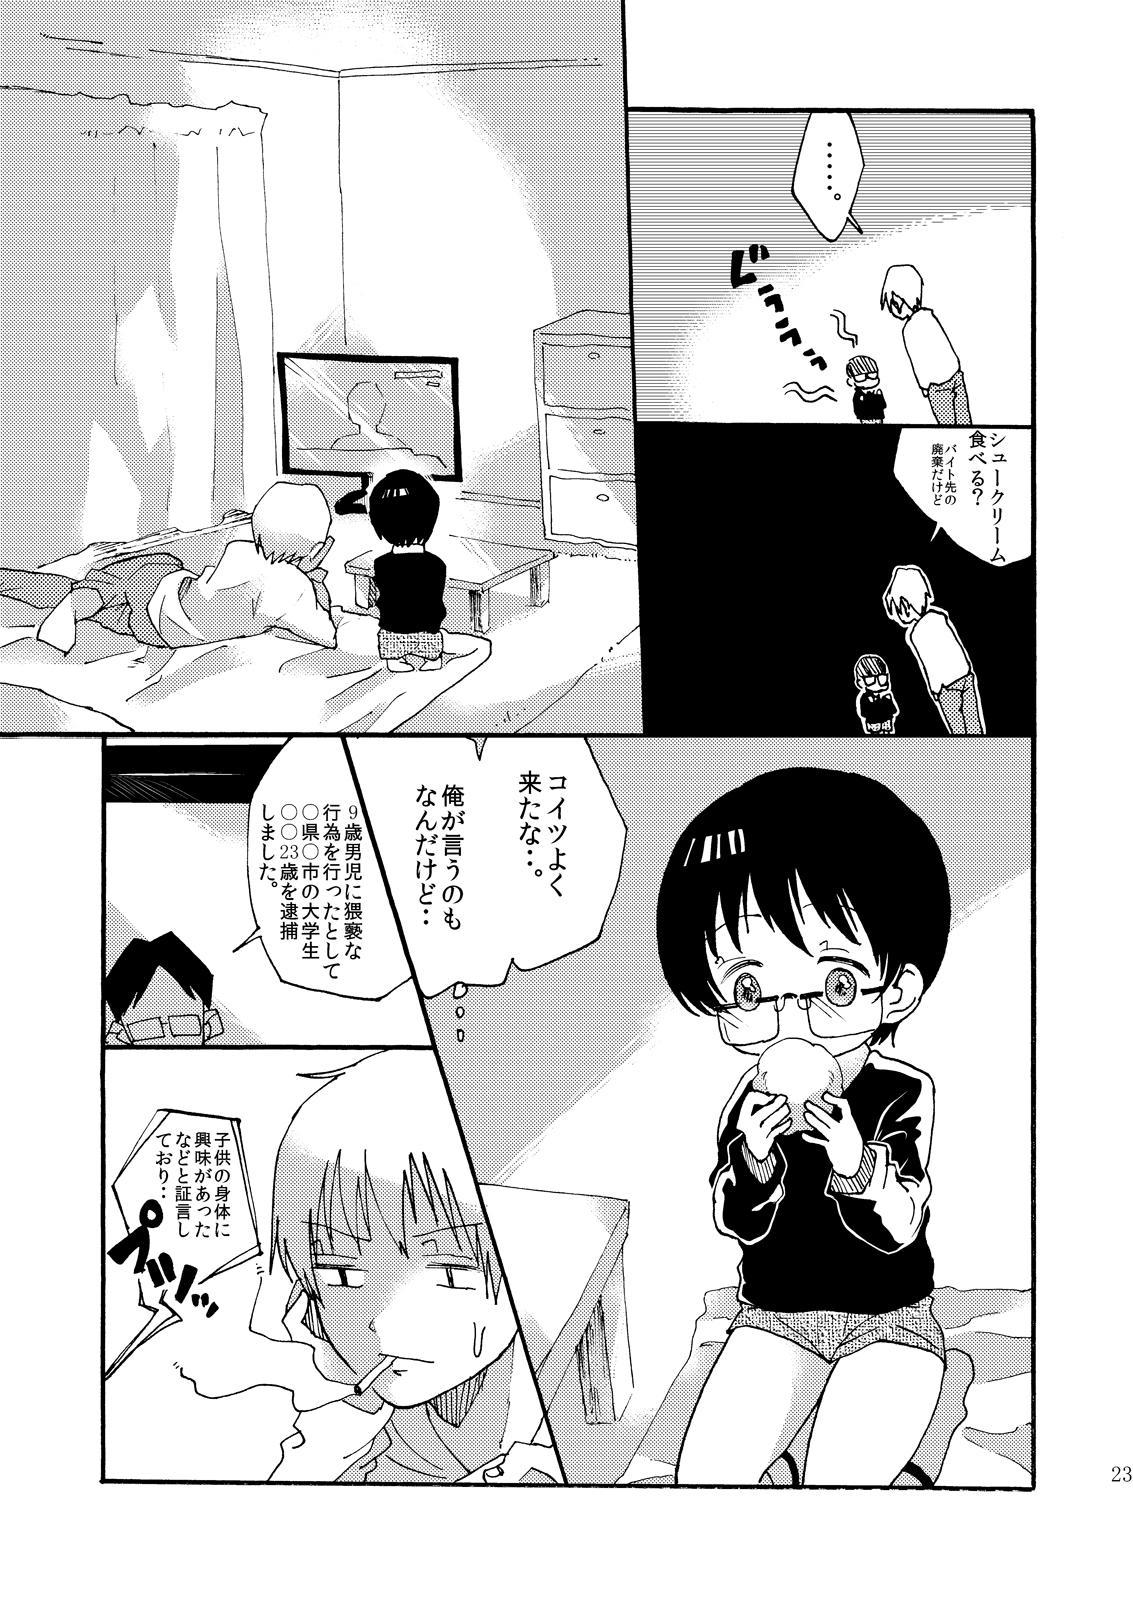 Yuugure Doki no ♂ Gakusei 21